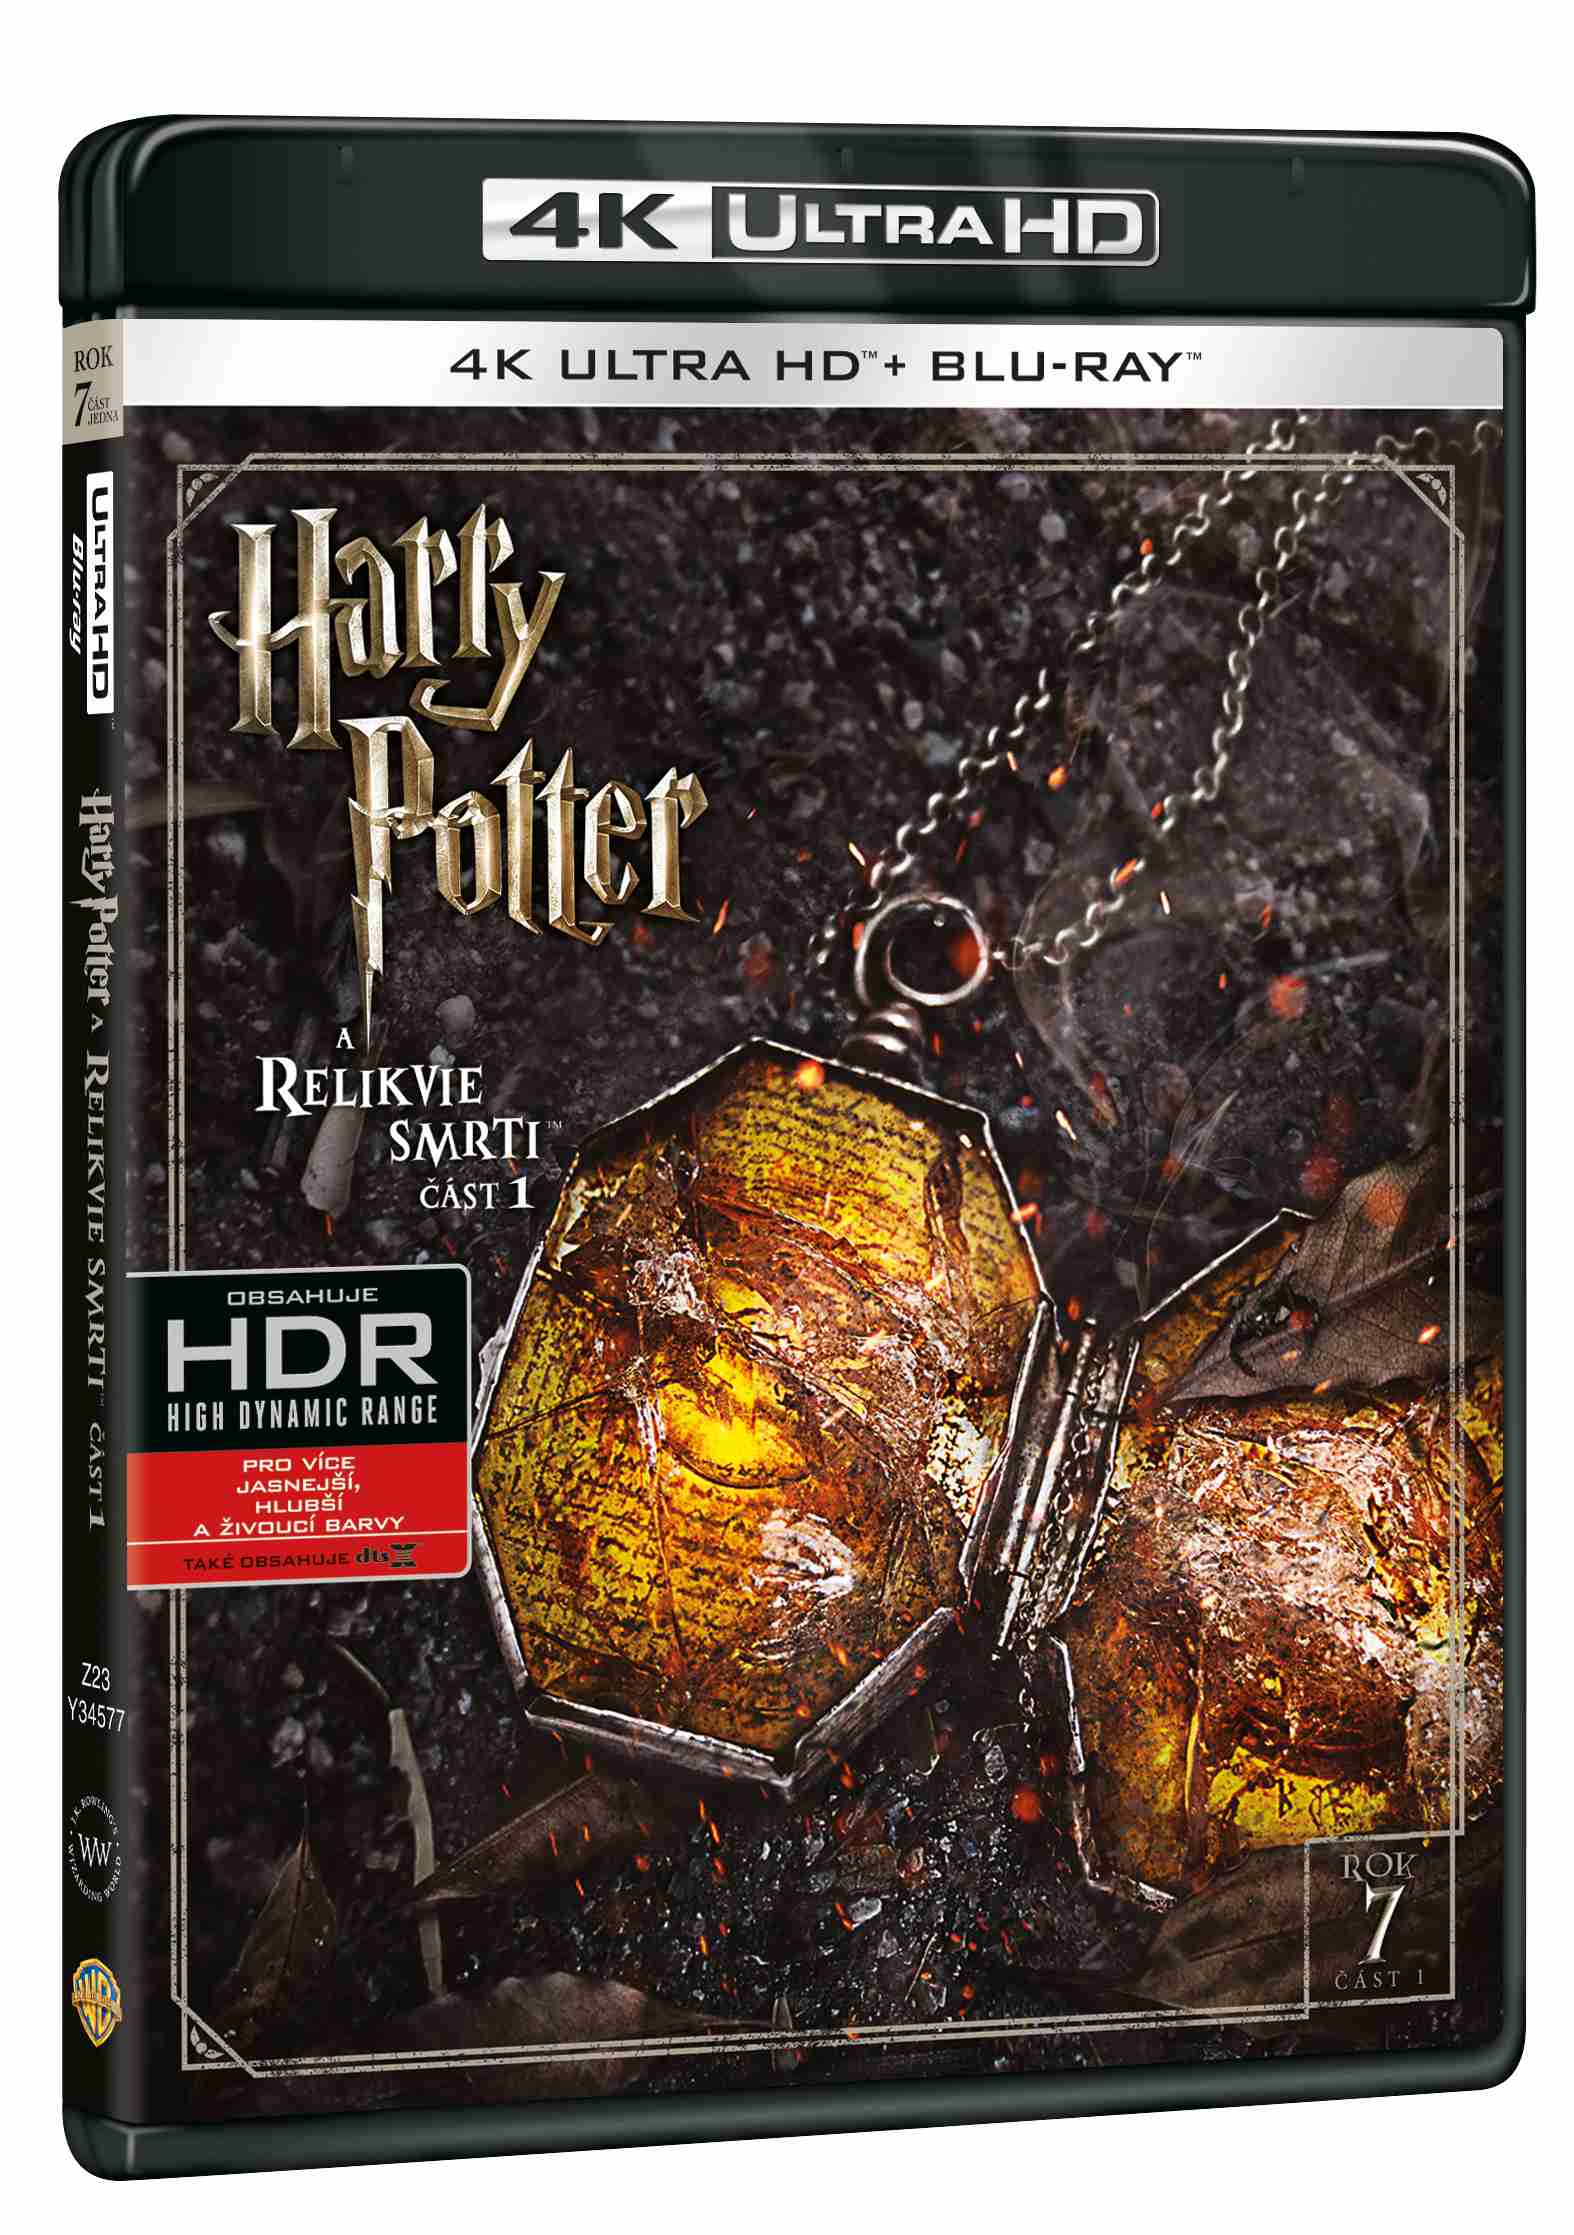 HARRY POTTER A RELIKVIE SMRTI 1 (4K ULTRA HD) - UHD Blu-ray + Blu-ray (2 BD)